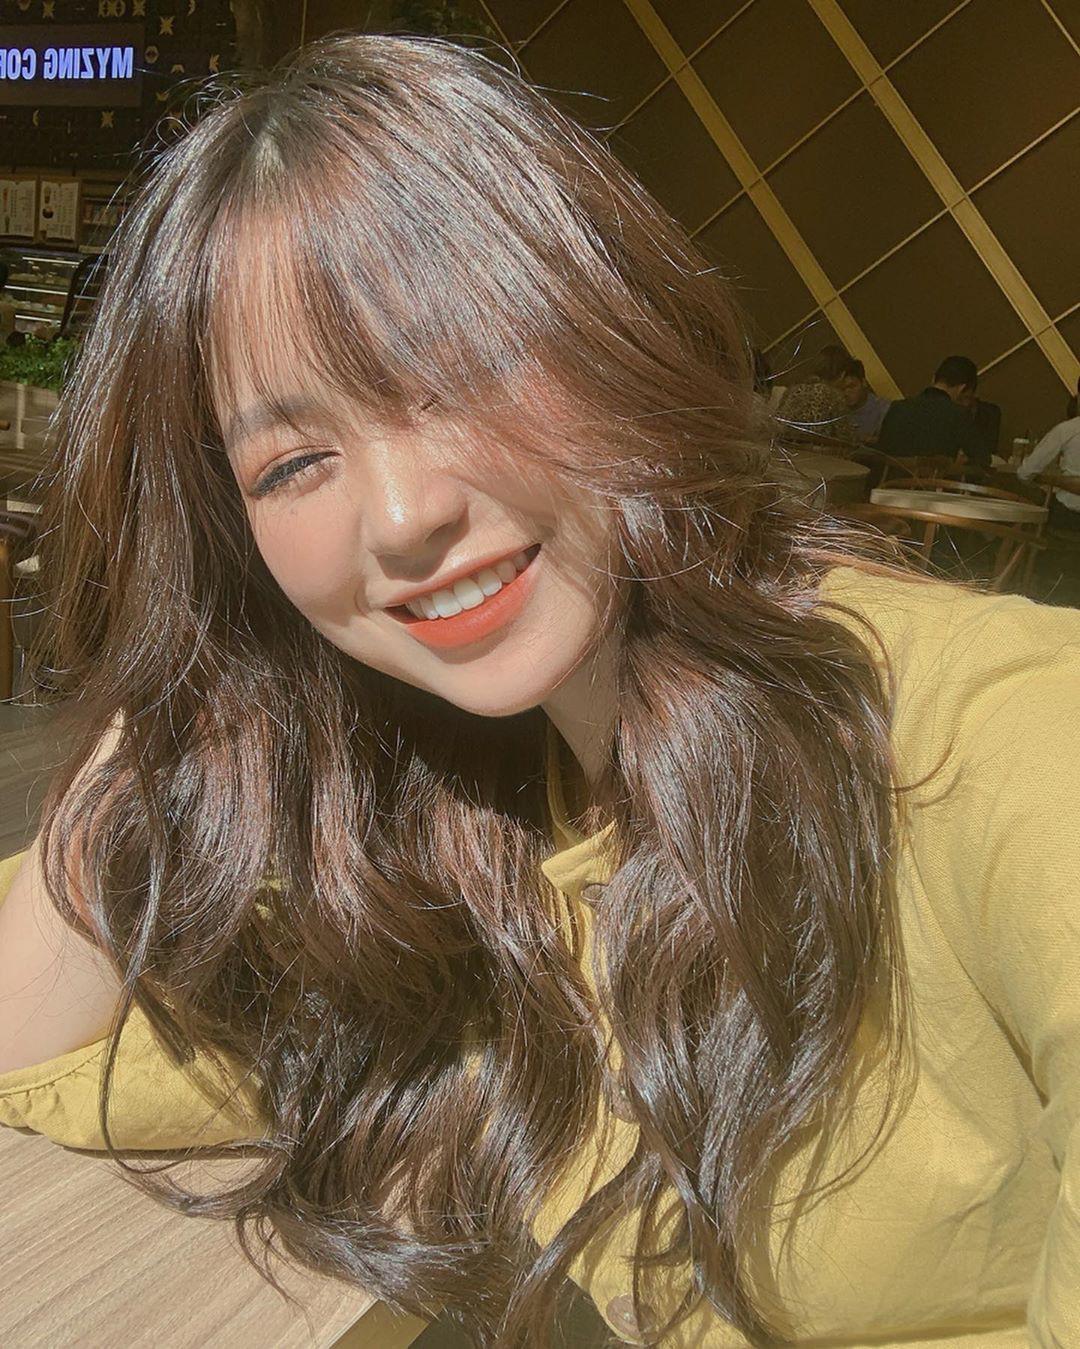 Nụ cười tỏa sáng, hot girl Việt làm điên loạn báo Trung Quốc - Ảnh 2